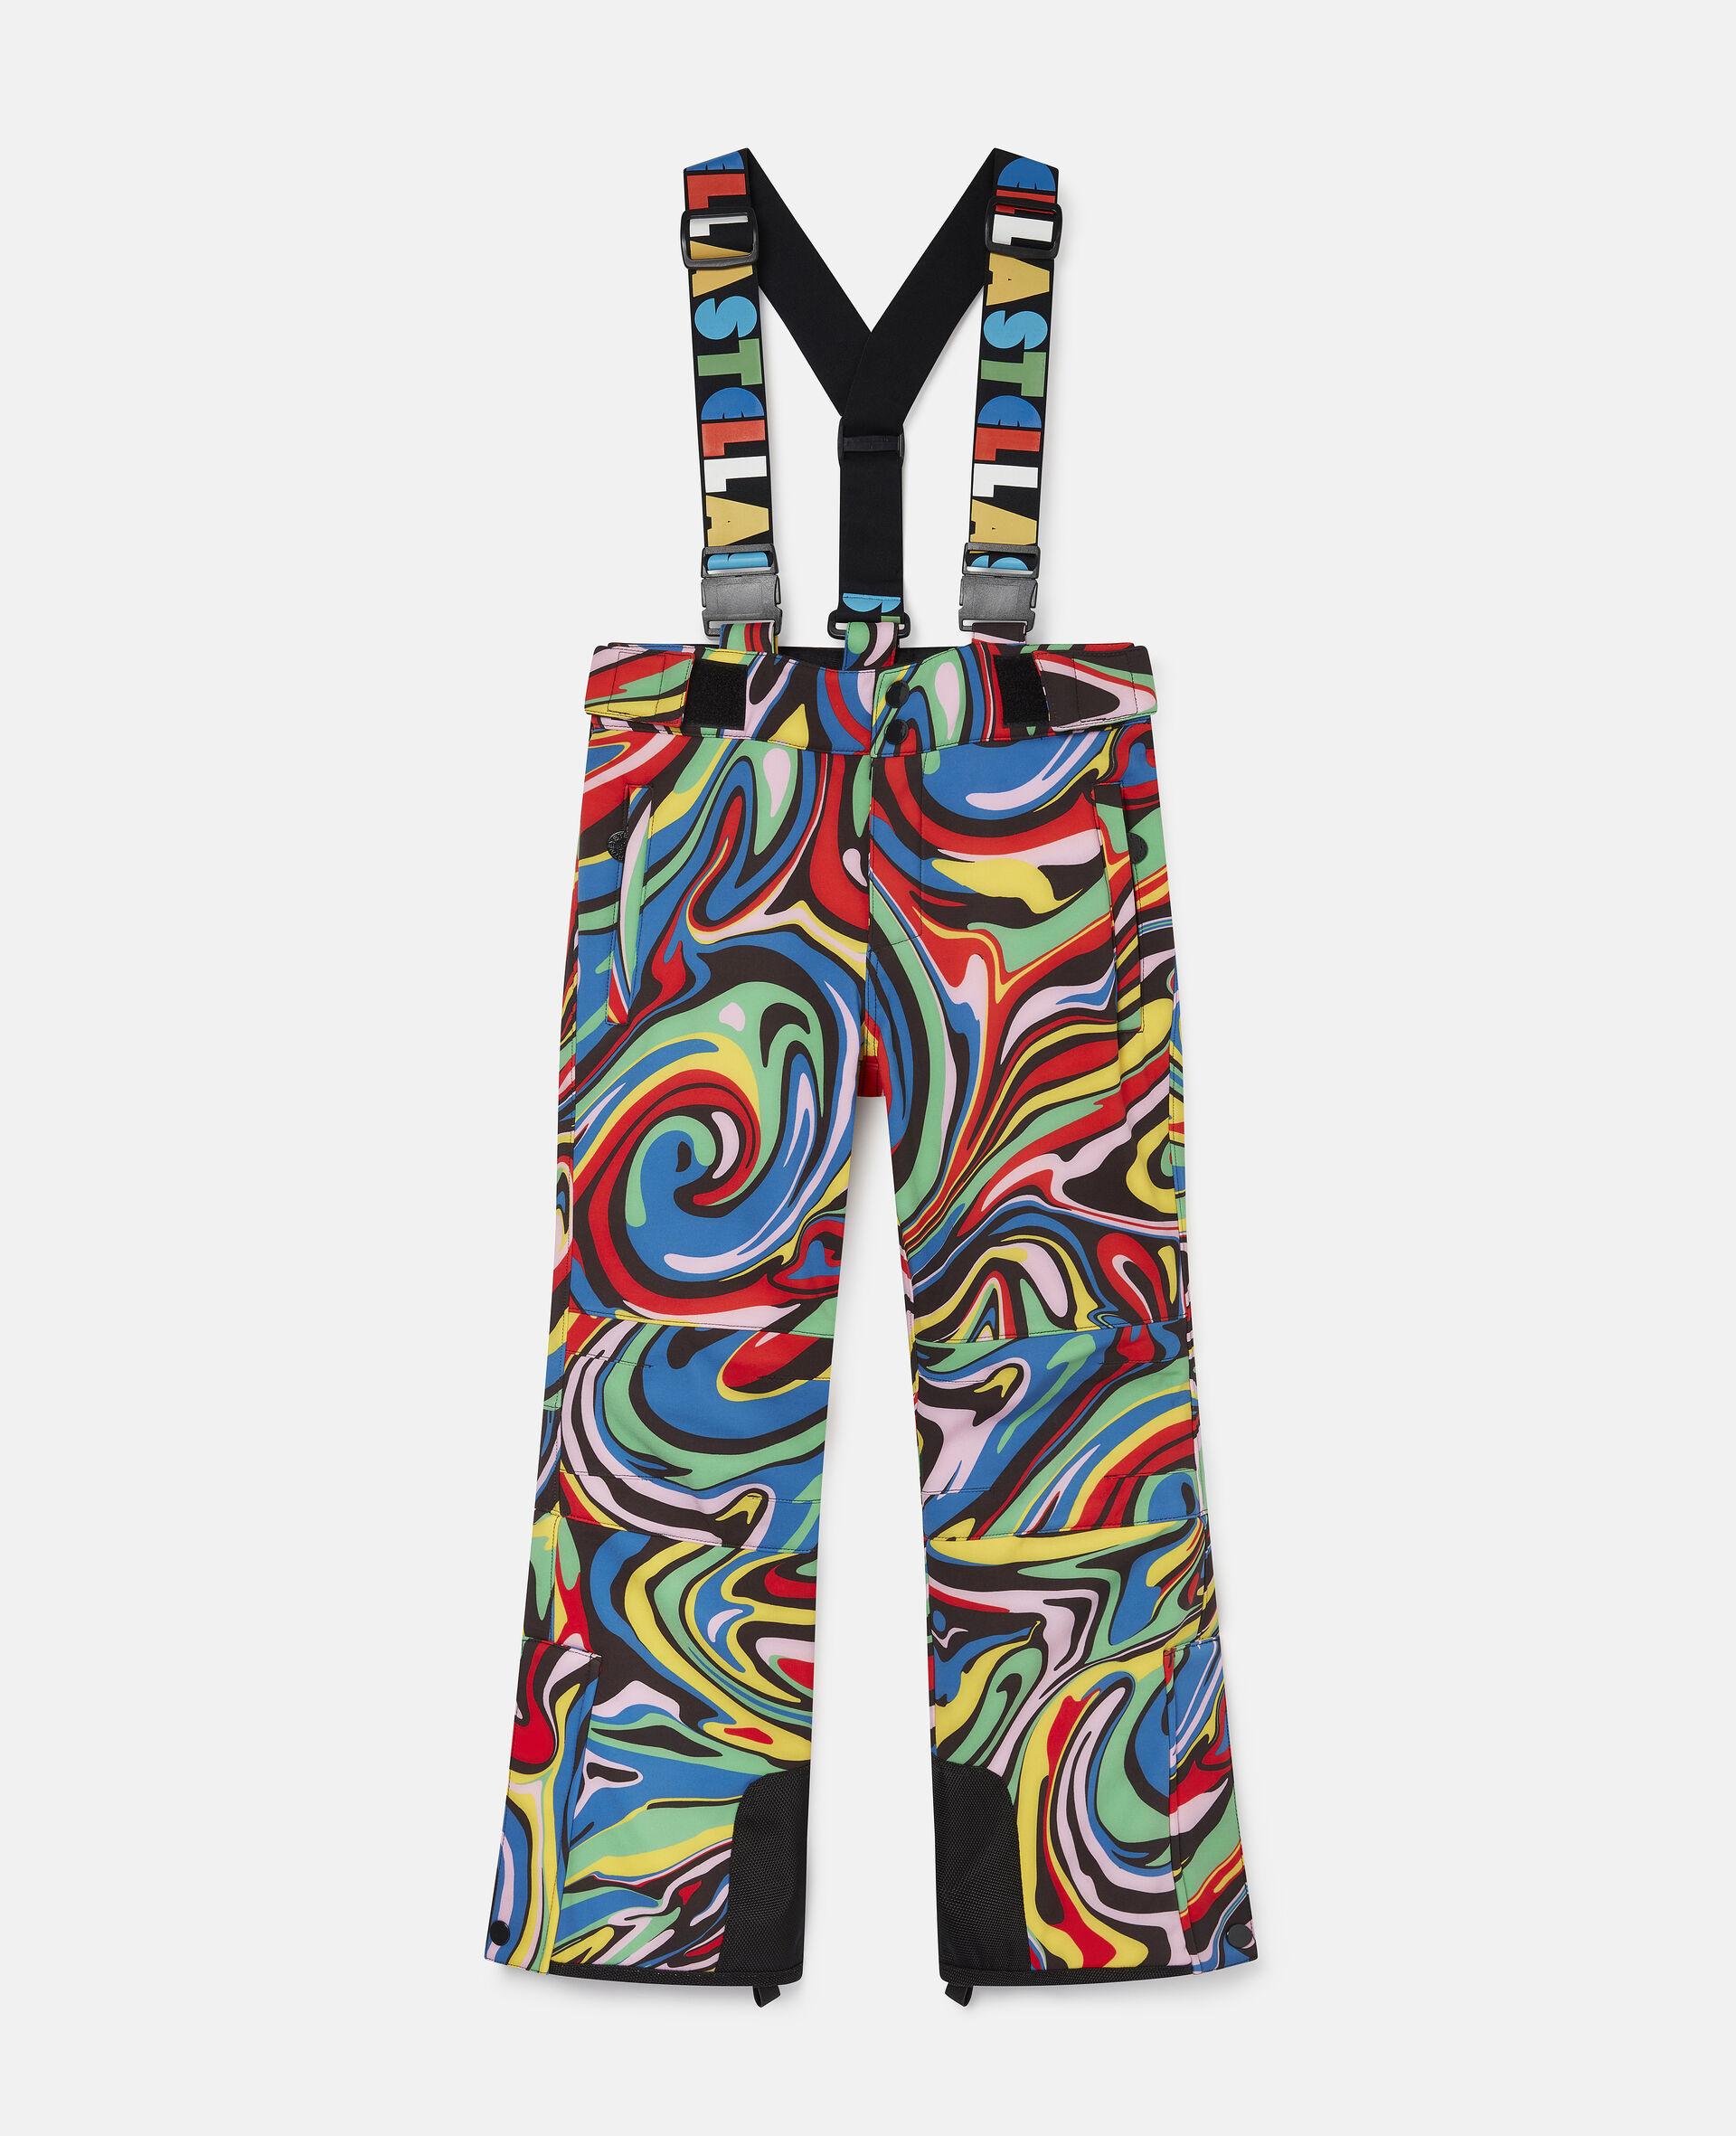 Pantalon de ski motif marbré-Fantaisie-large image number 0